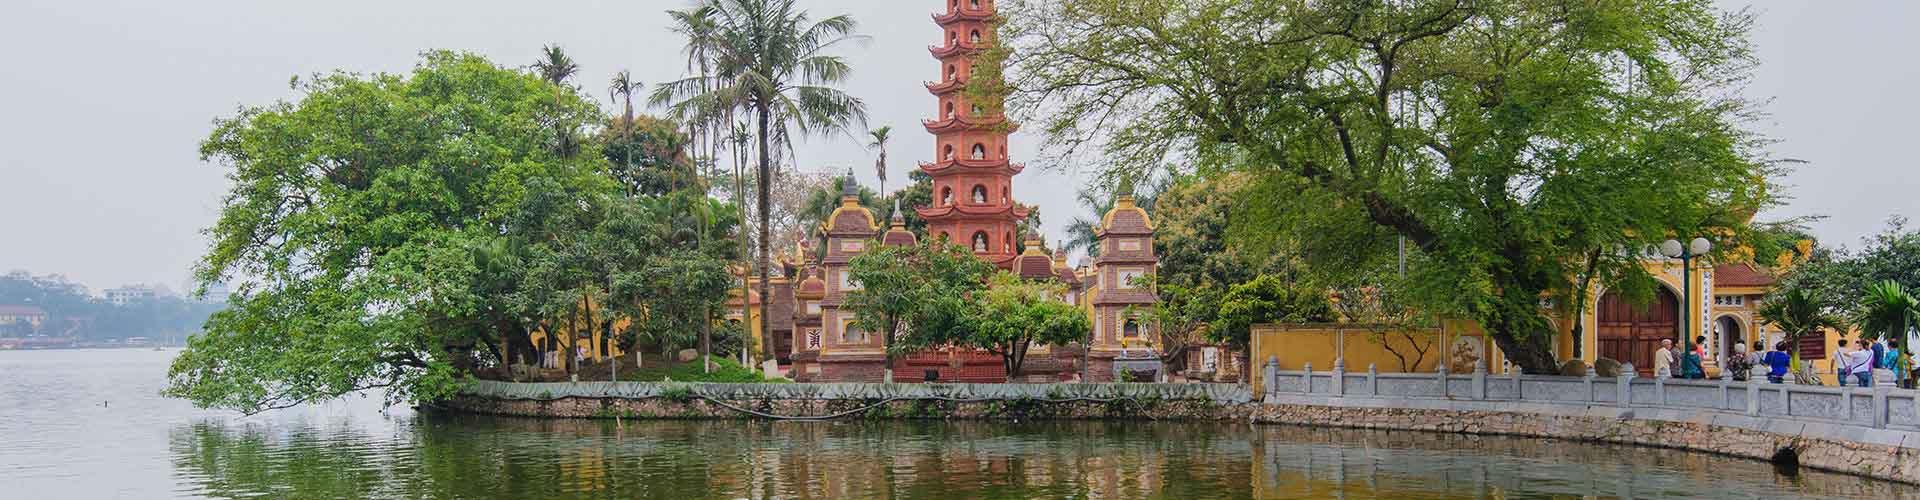 Hanói – Albergues em Hanói. Mapas para Hanói, Fotos e Avaliações para cada Albergue em Hanói.